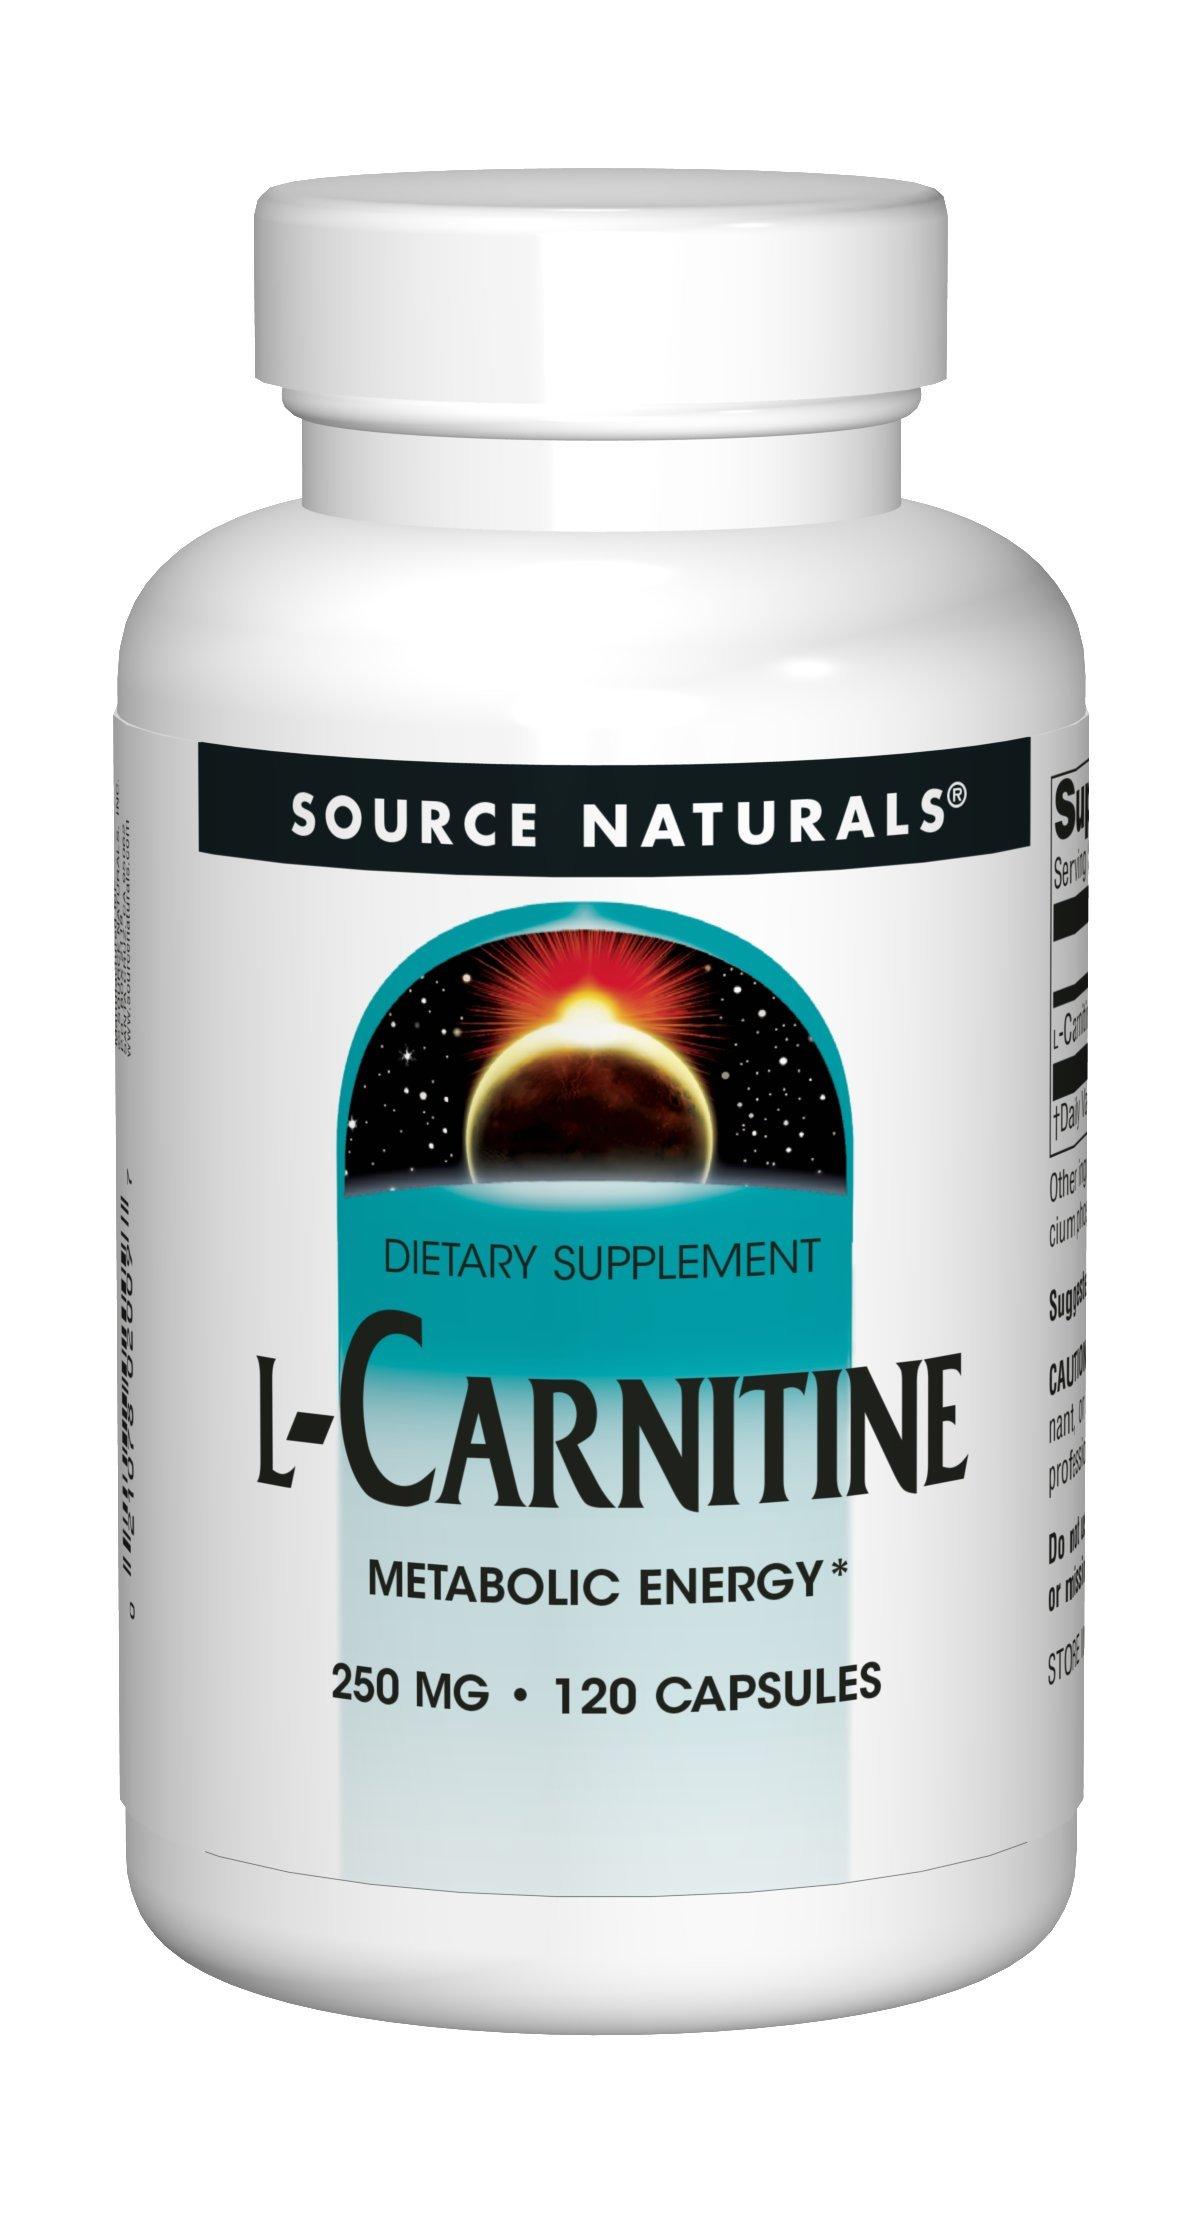 Source Naturals L-Carnitine 250mg - 120 Capsules